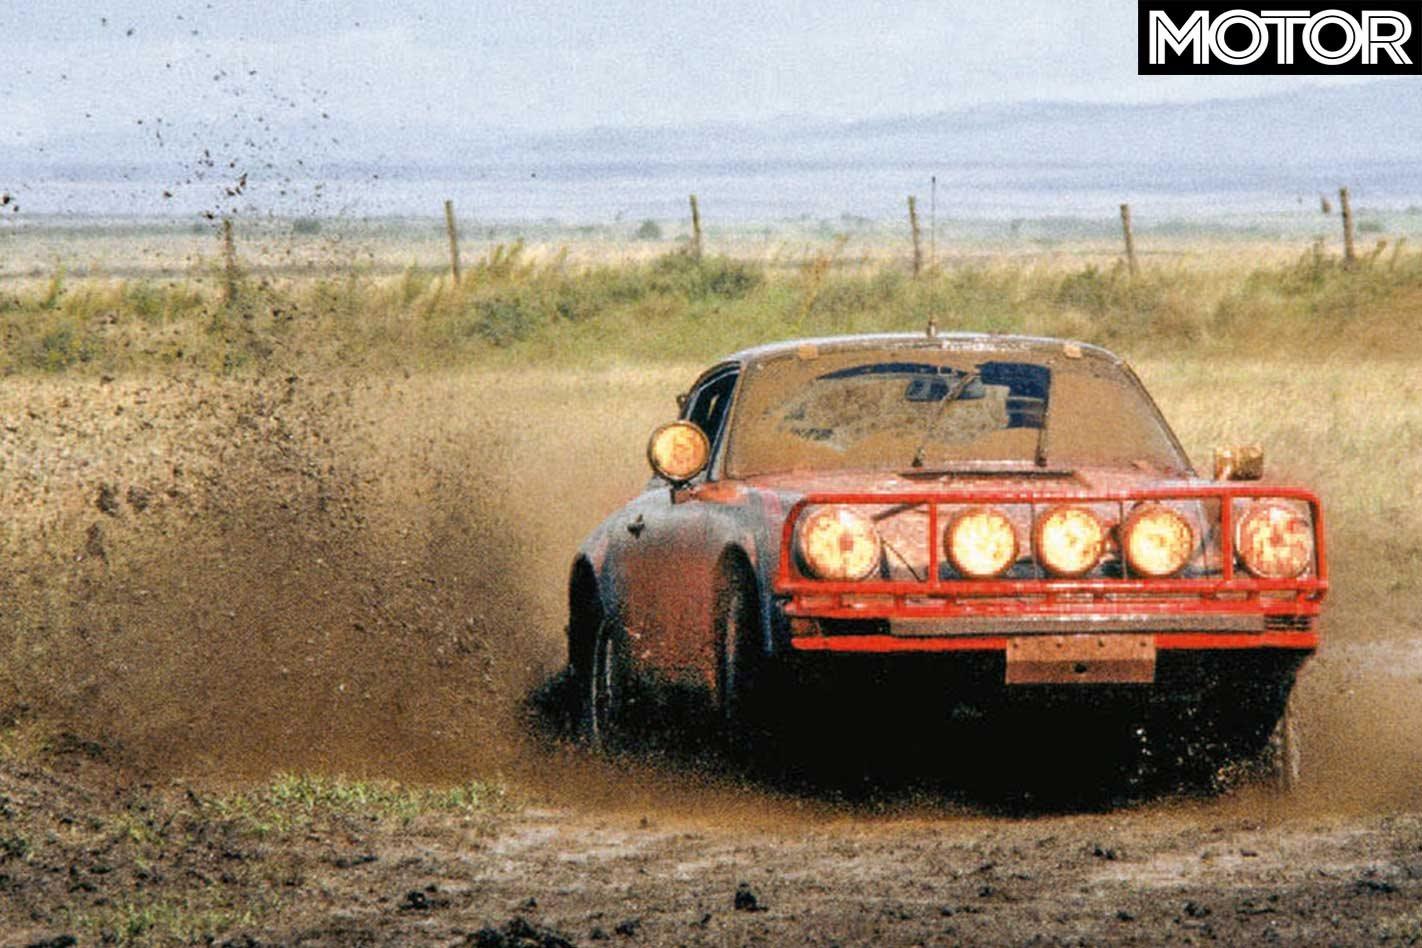 Porsche S Top 5 Rally Cars